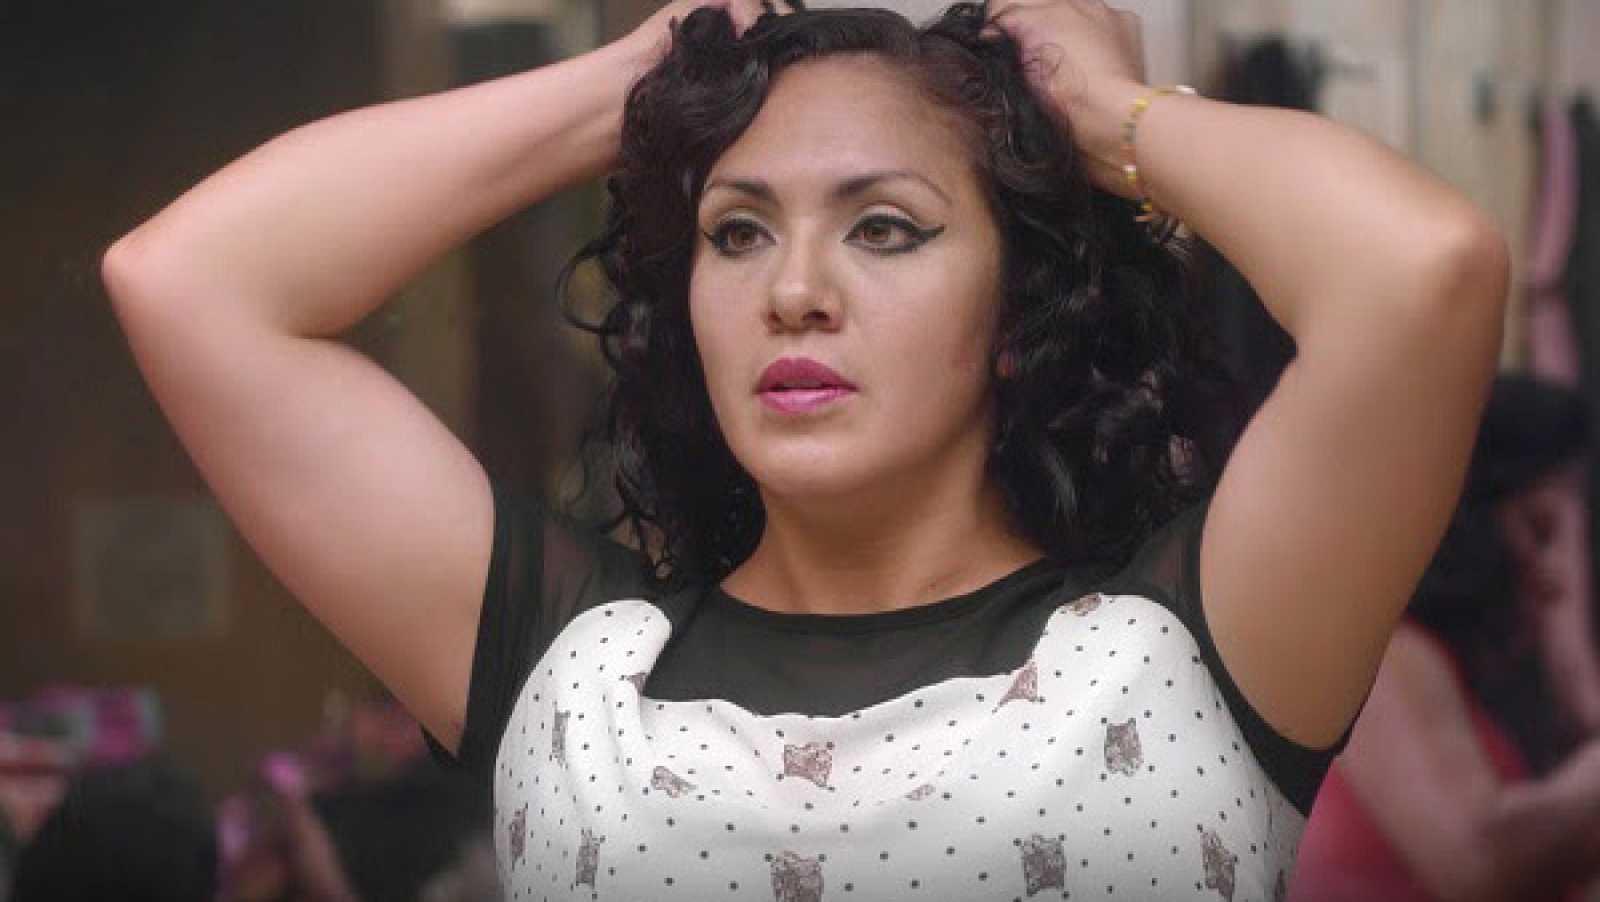 Artesfera - 'La mami', un film sobre la reina de los vestuarios del cabaret Barba Azul de Ciudad de México - 08/02/21 - escuchar ahora